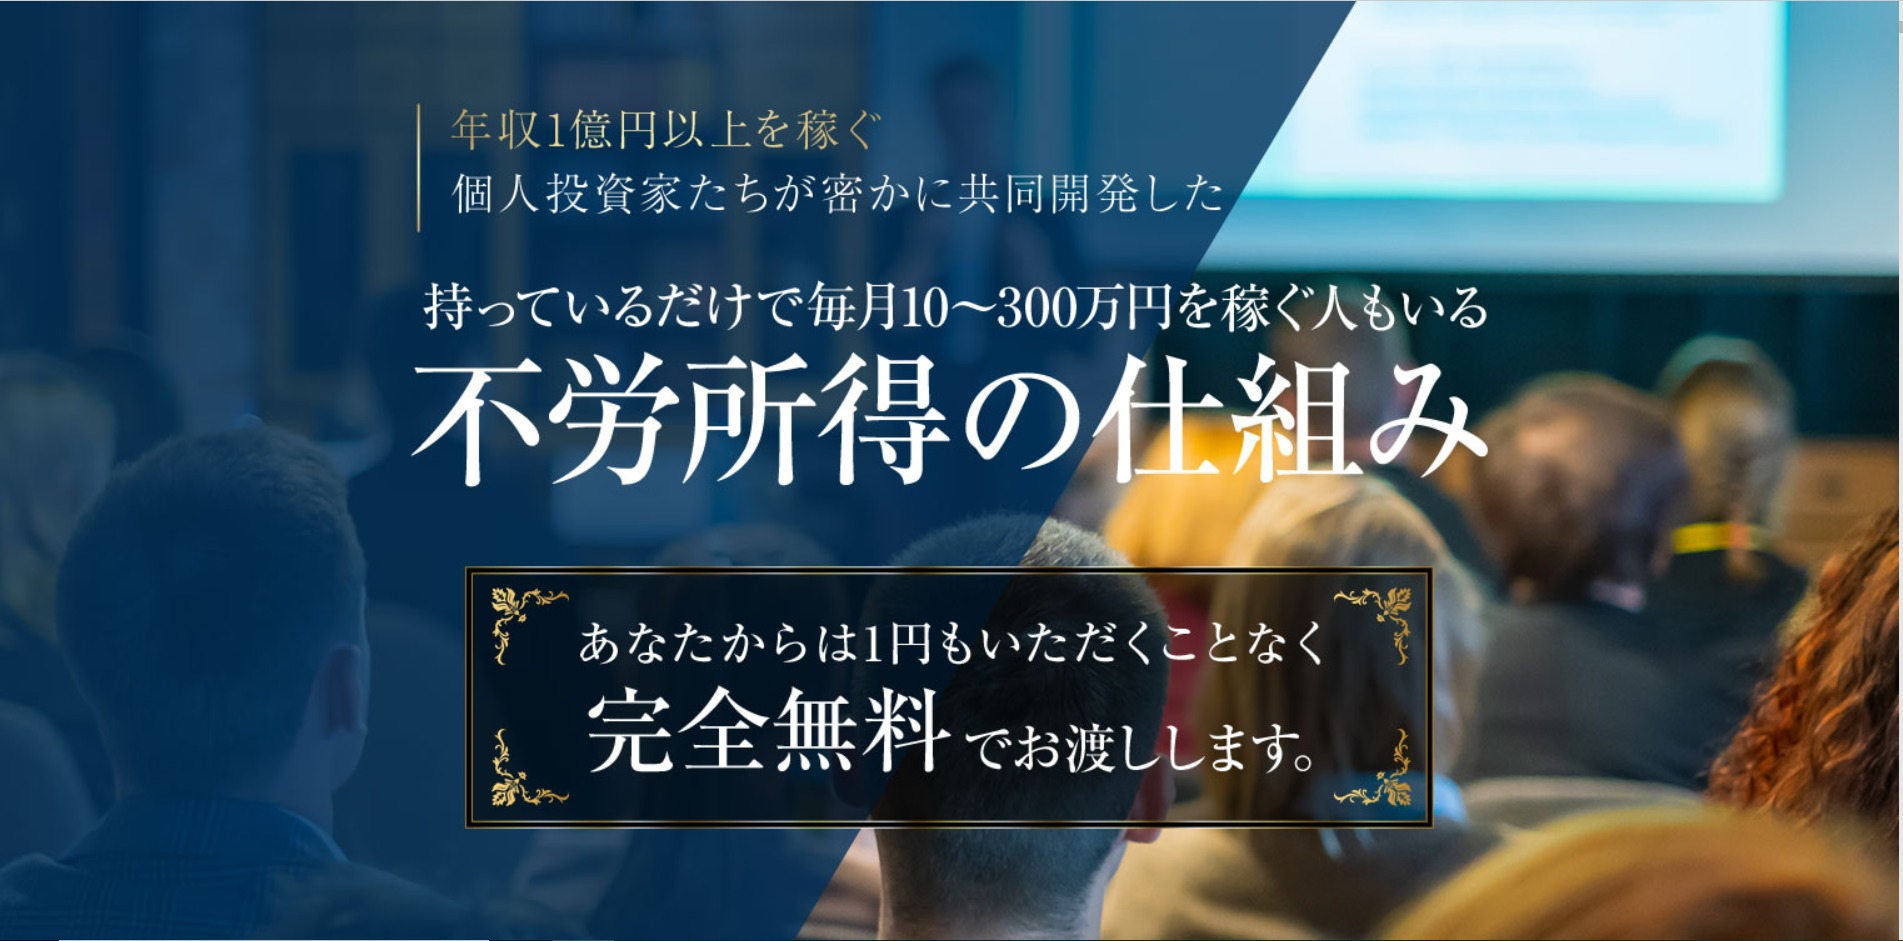 大森淳弘の不労所得マスターズサロンプロジェクトは完全無料!?持っているだけで毎月10~30万は本当に稼げるのか・・・その実態とは!?